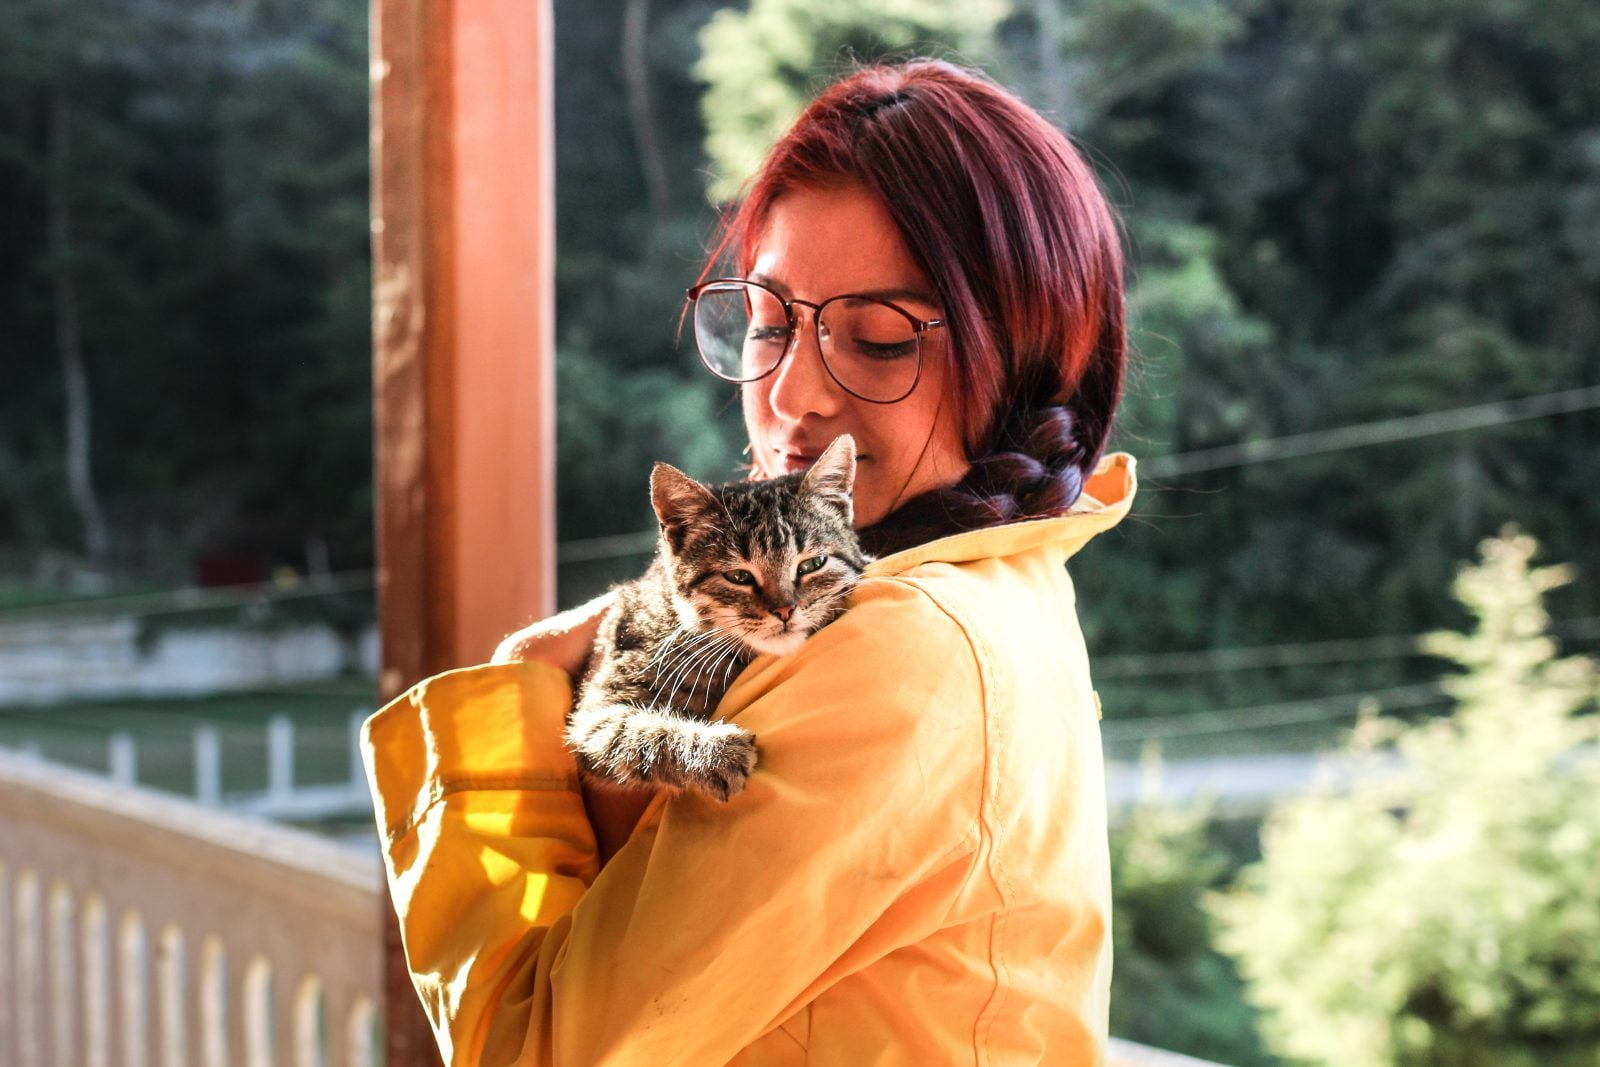 ¿Qué piensan los gatos de los humanos?